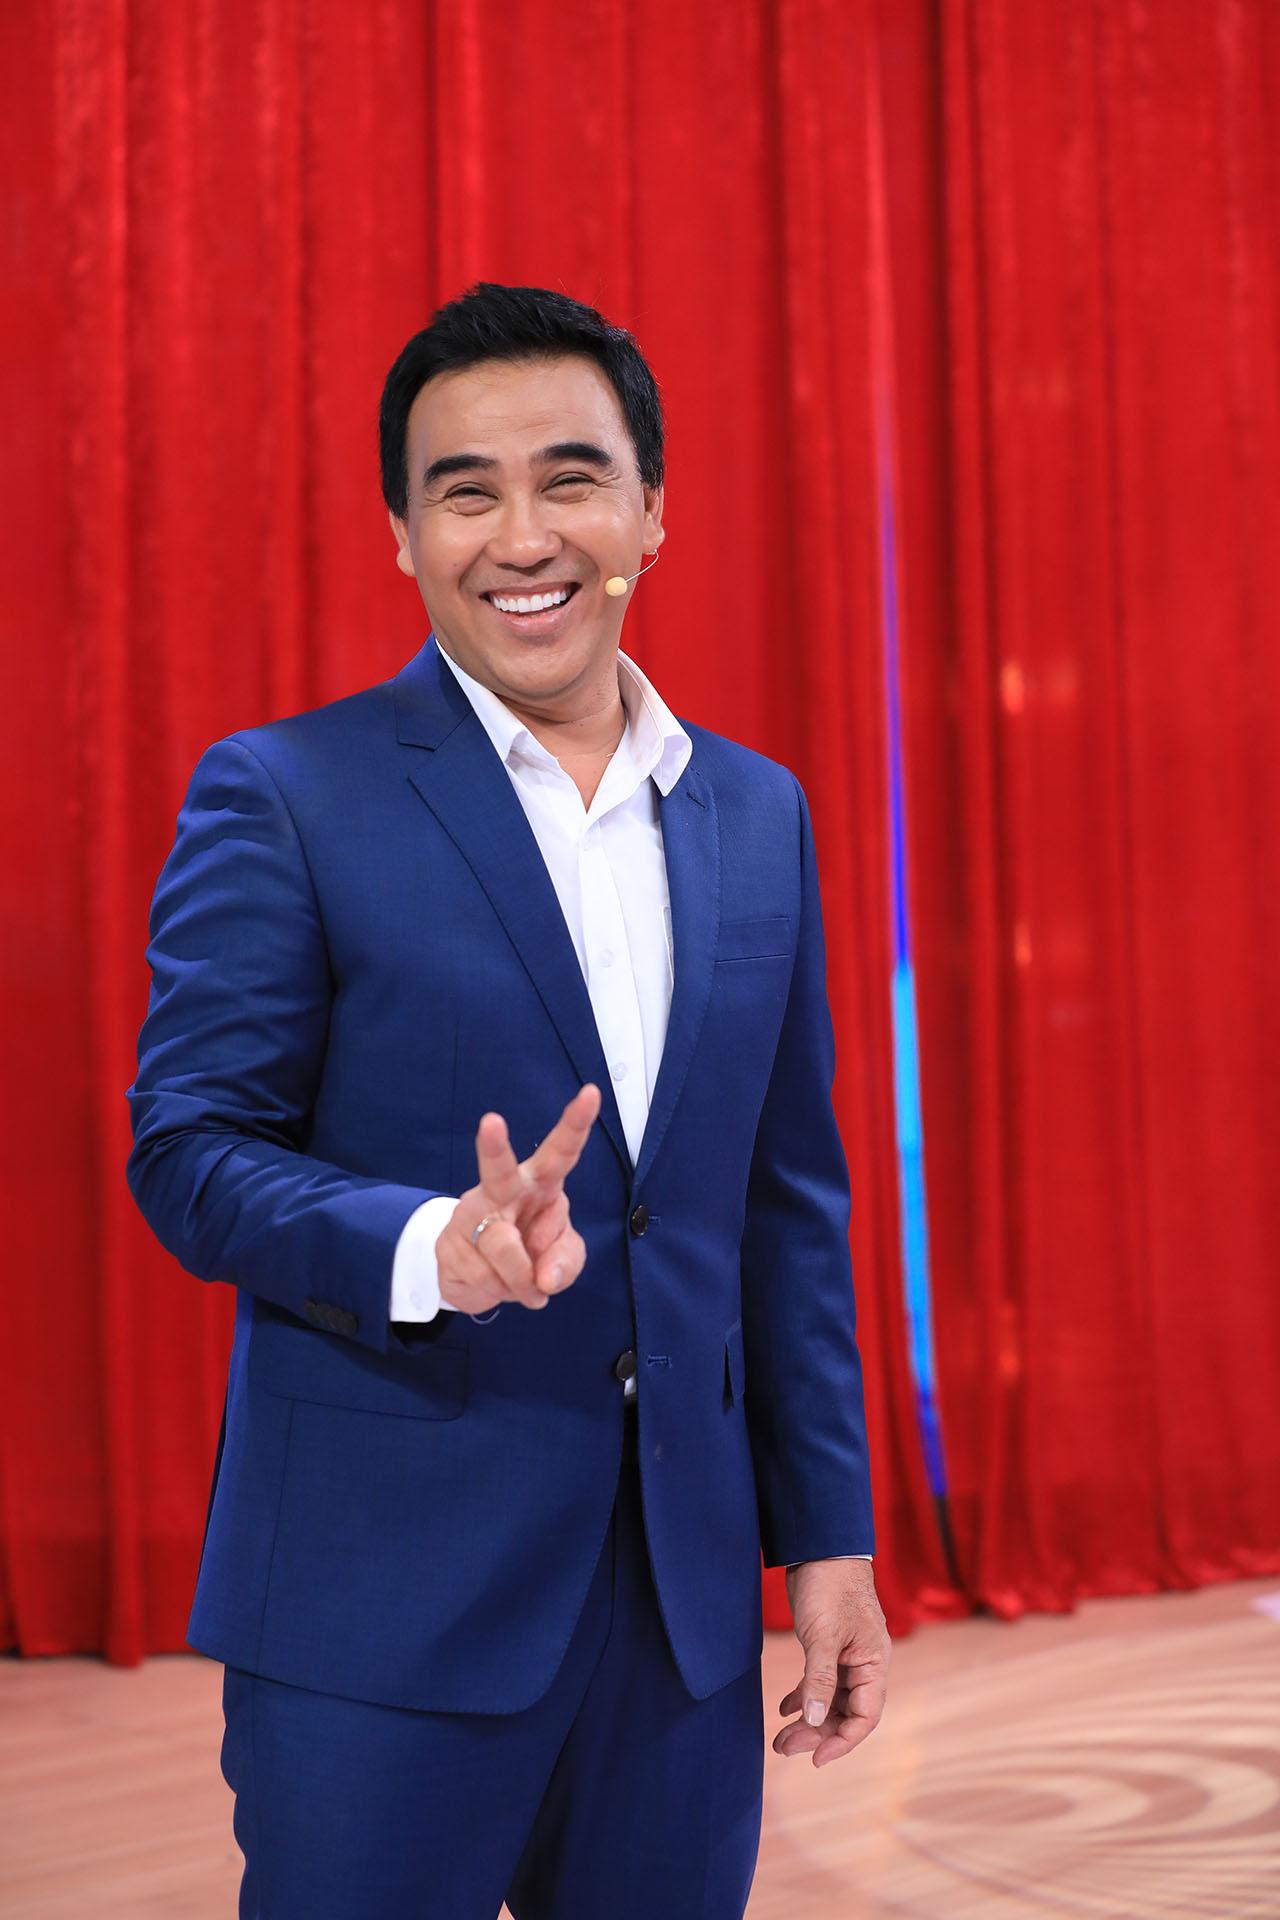 'MC giàu nhất Việt Nam' tiết lộ chuyện bị trộm đột nhập, lấy hết tài sản có giá trị 3